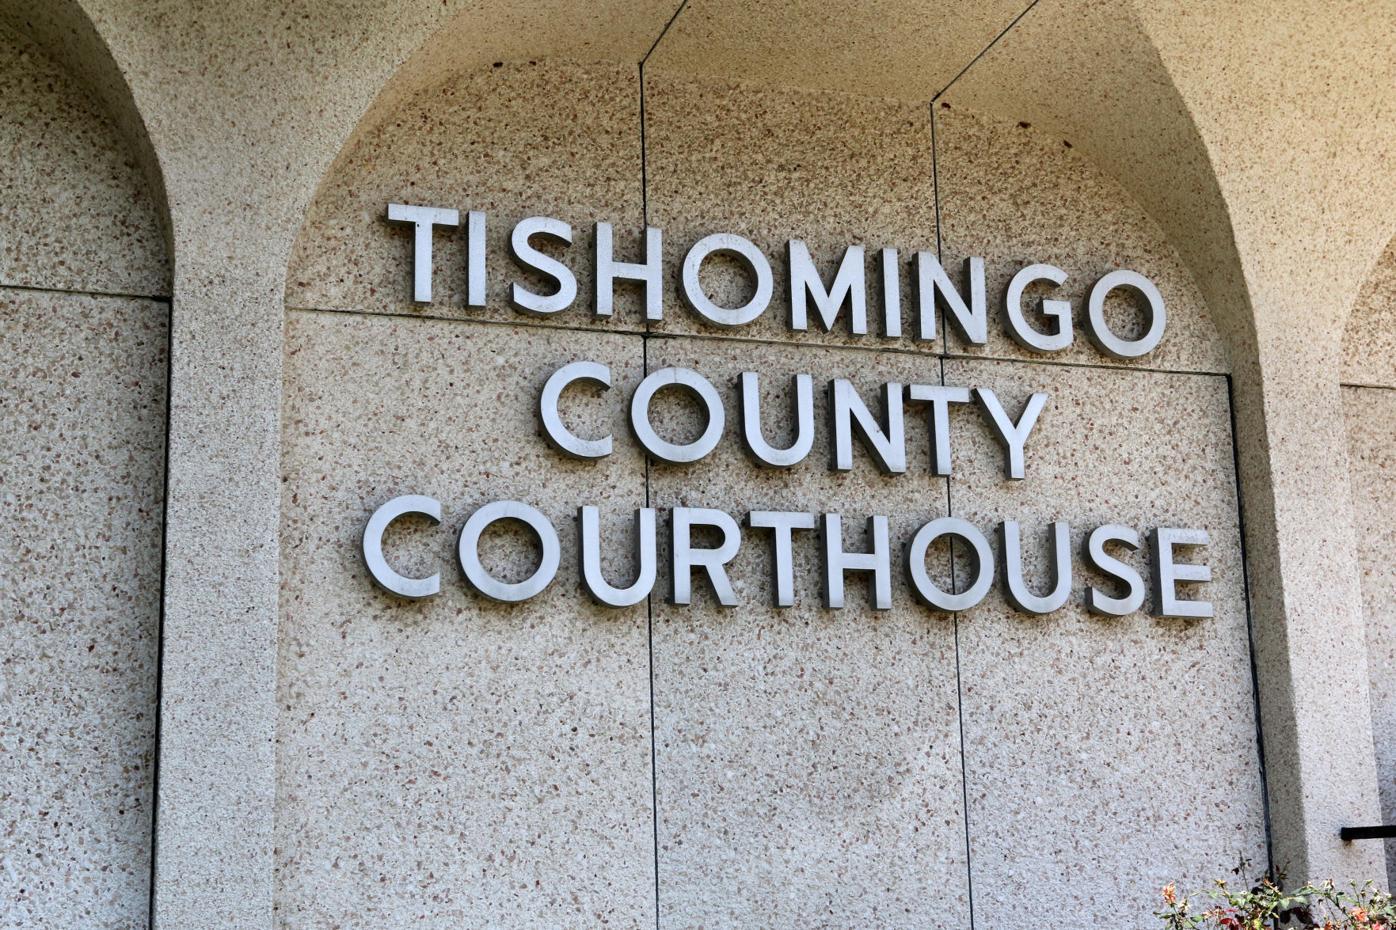 Tishomingo County courthouse